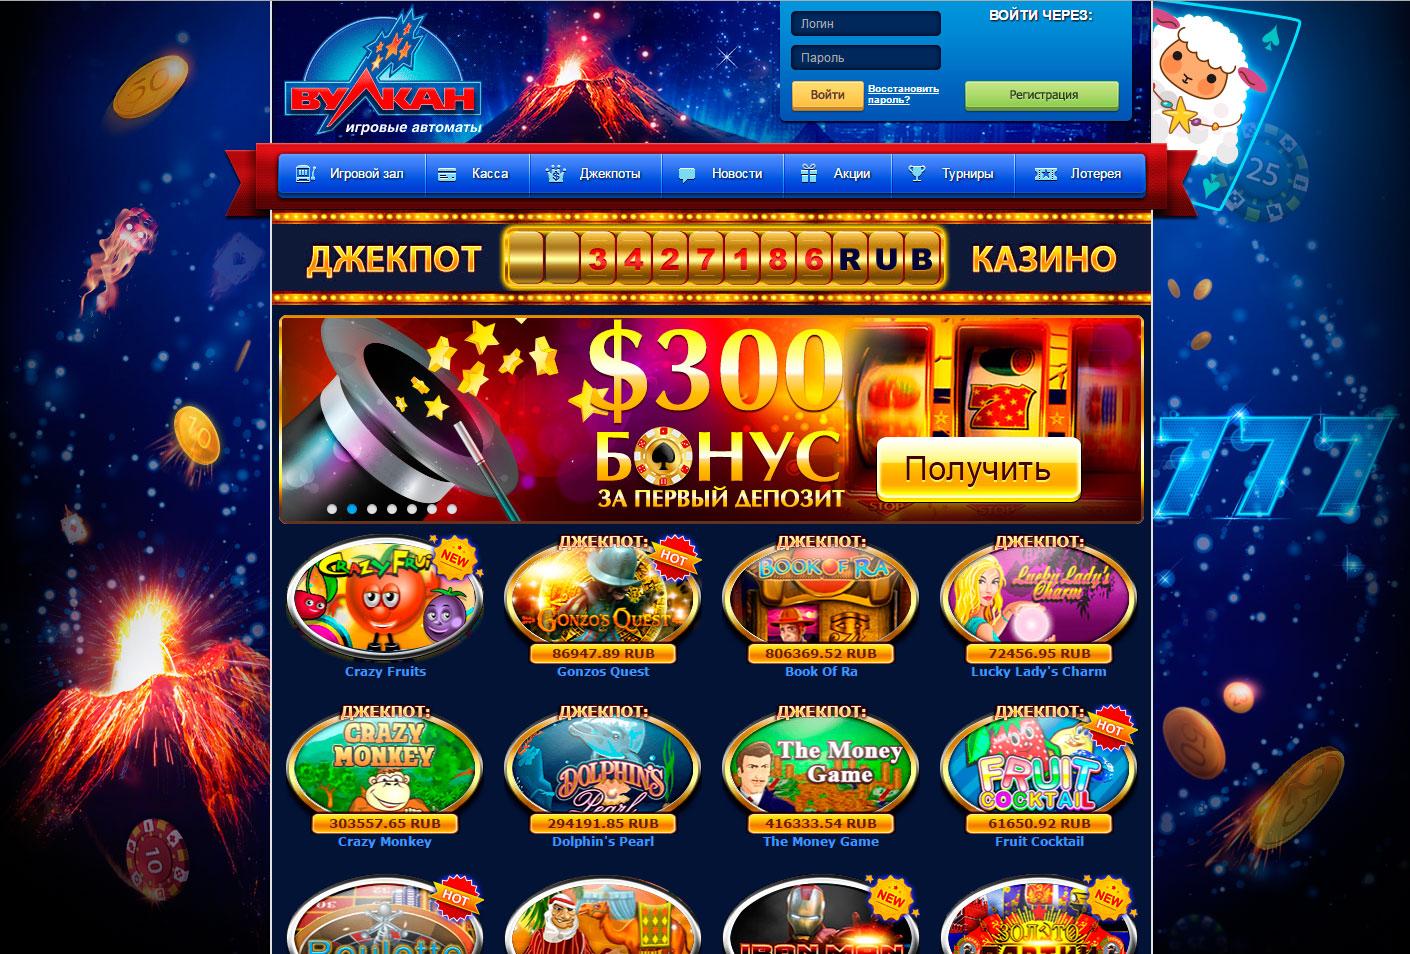 Играть-в-казино-Вулкан-онлайн-отличный-метод-заработка-в-сети